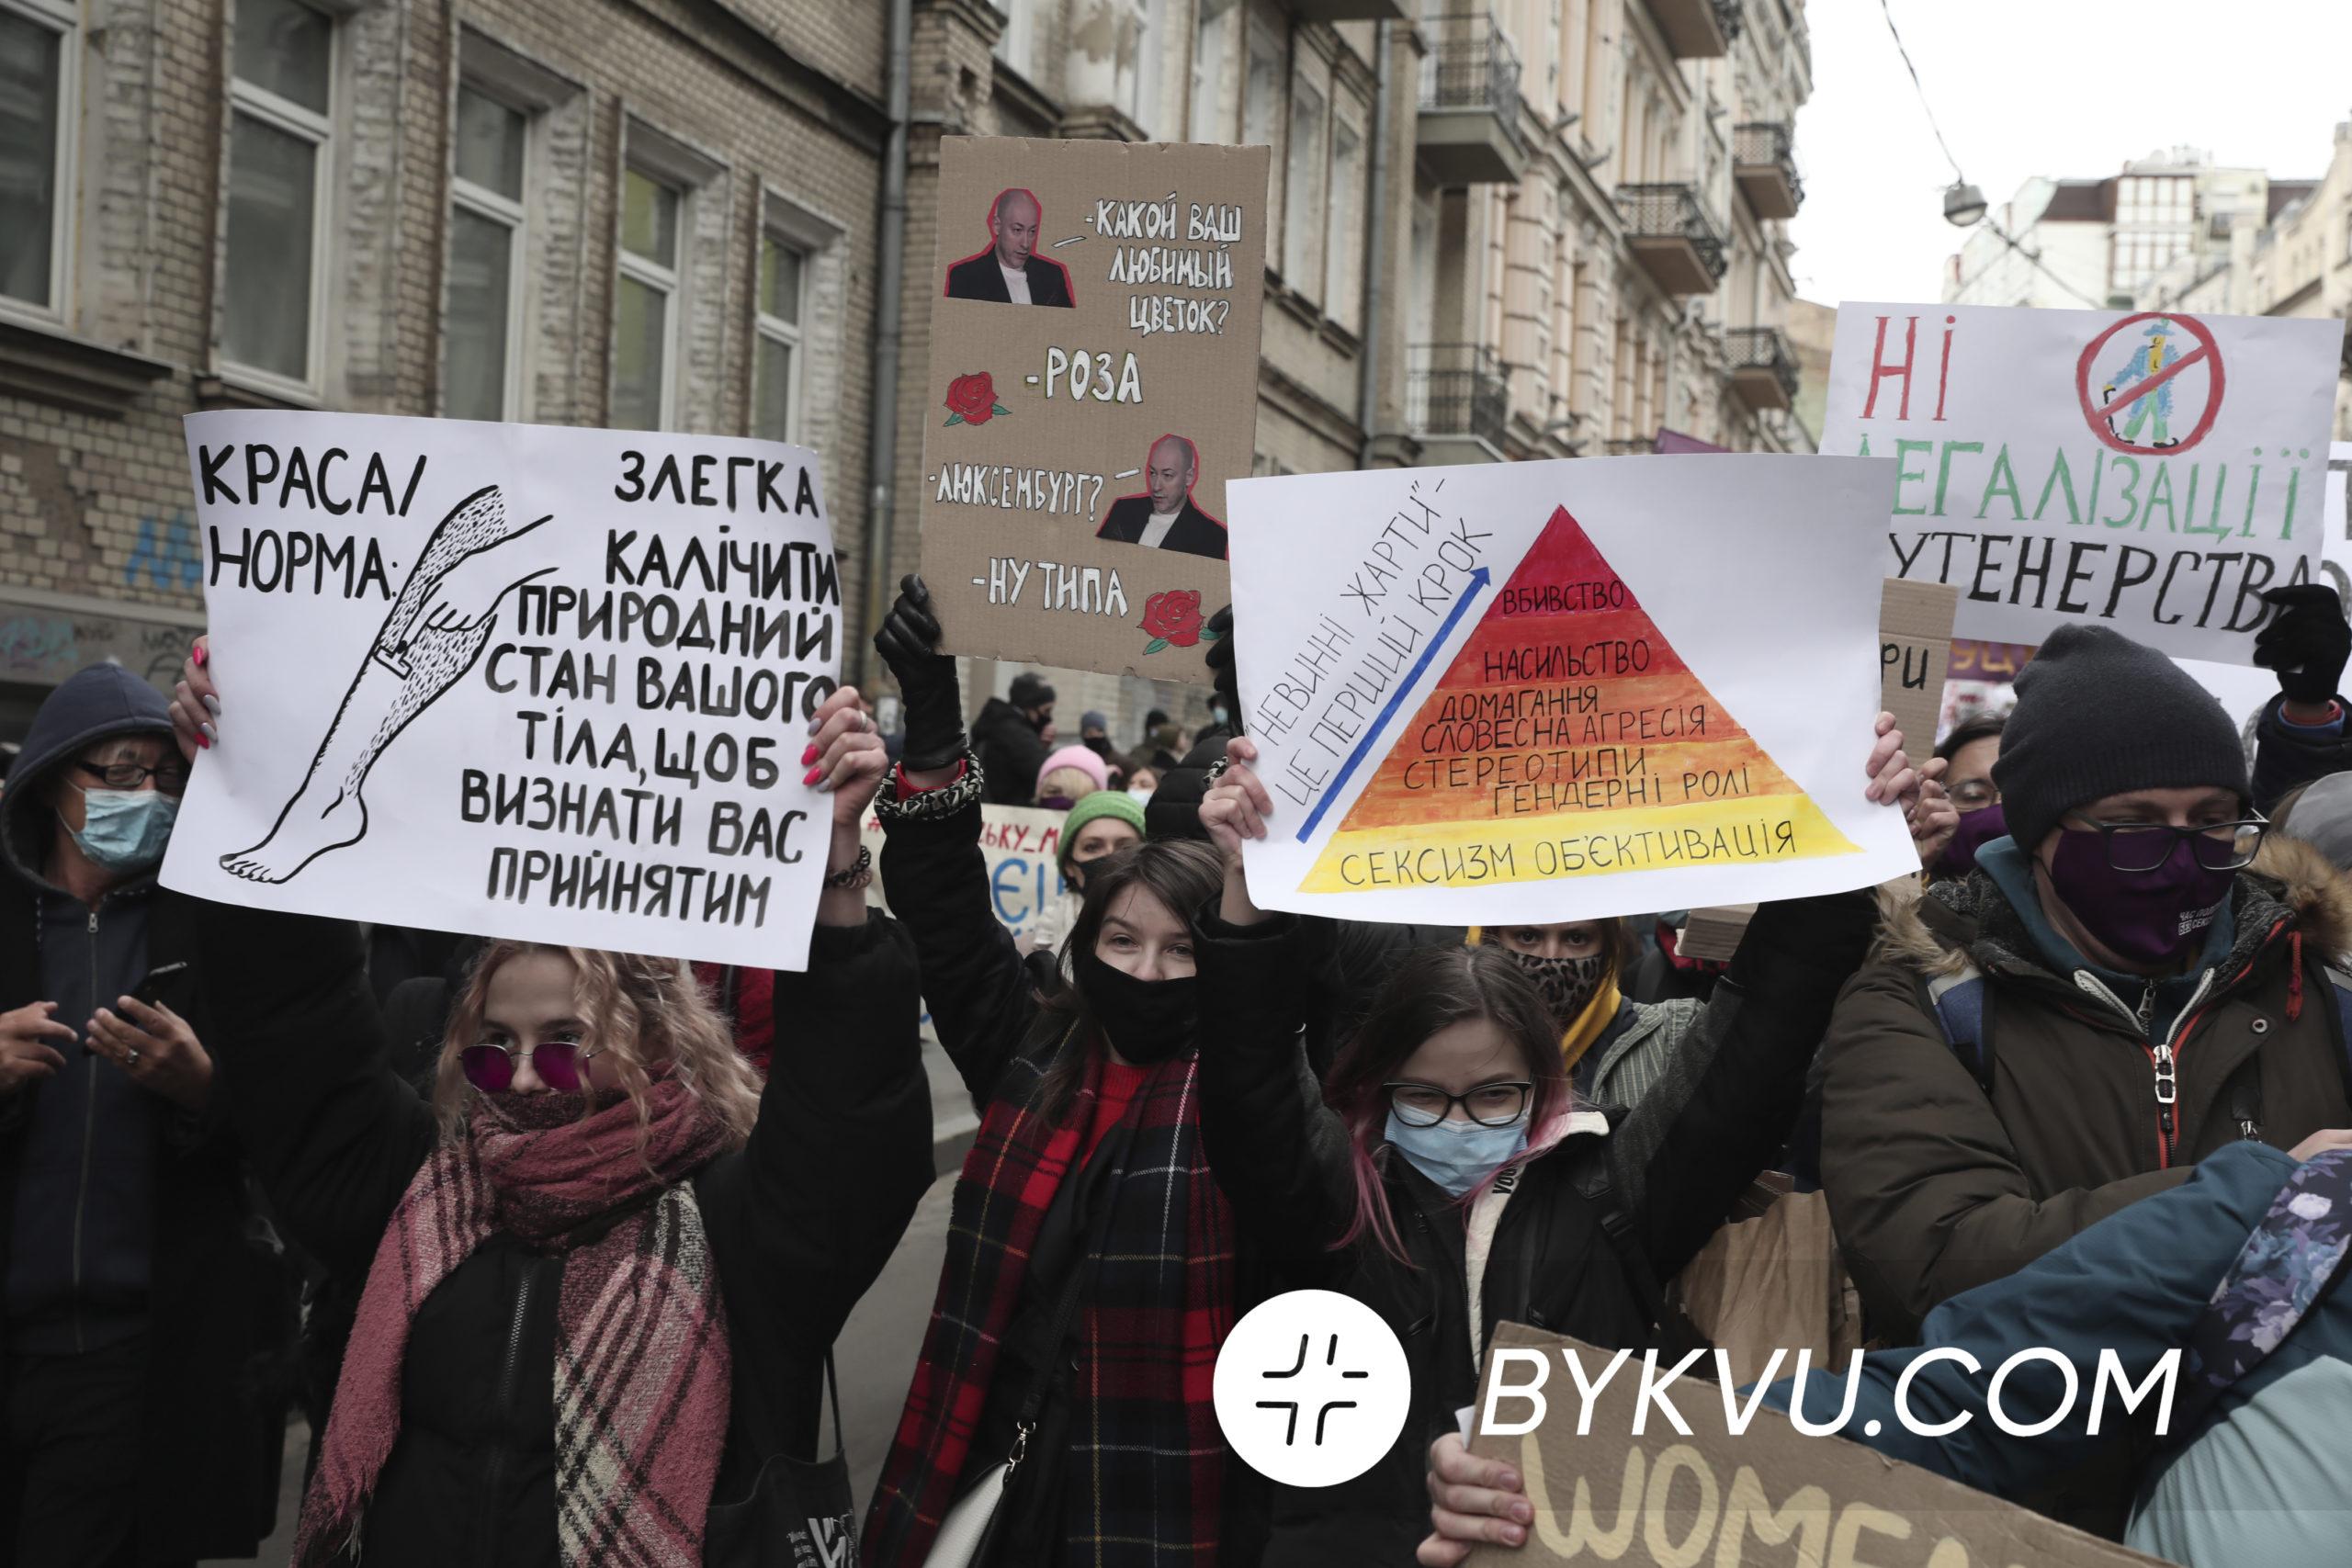 Київ_Марш жінок2021